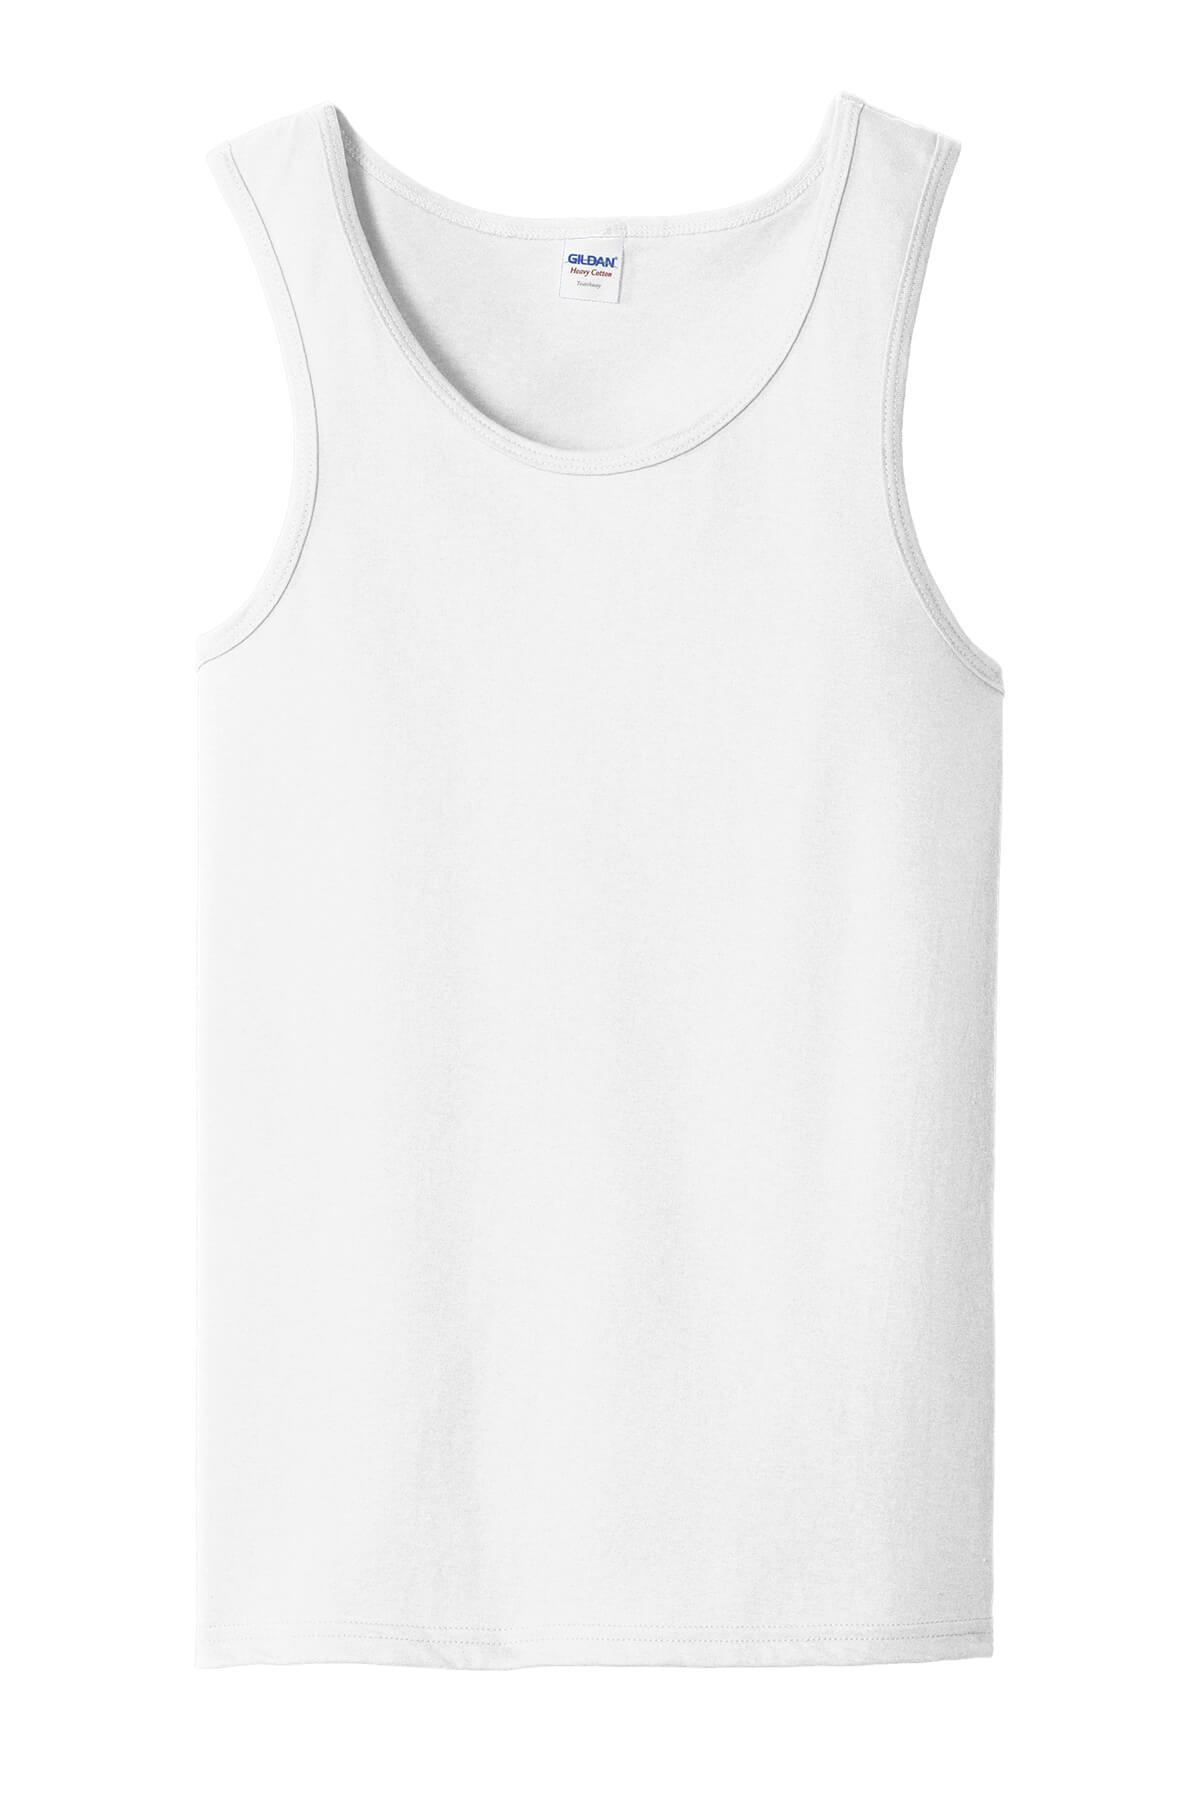 g5200-white-5